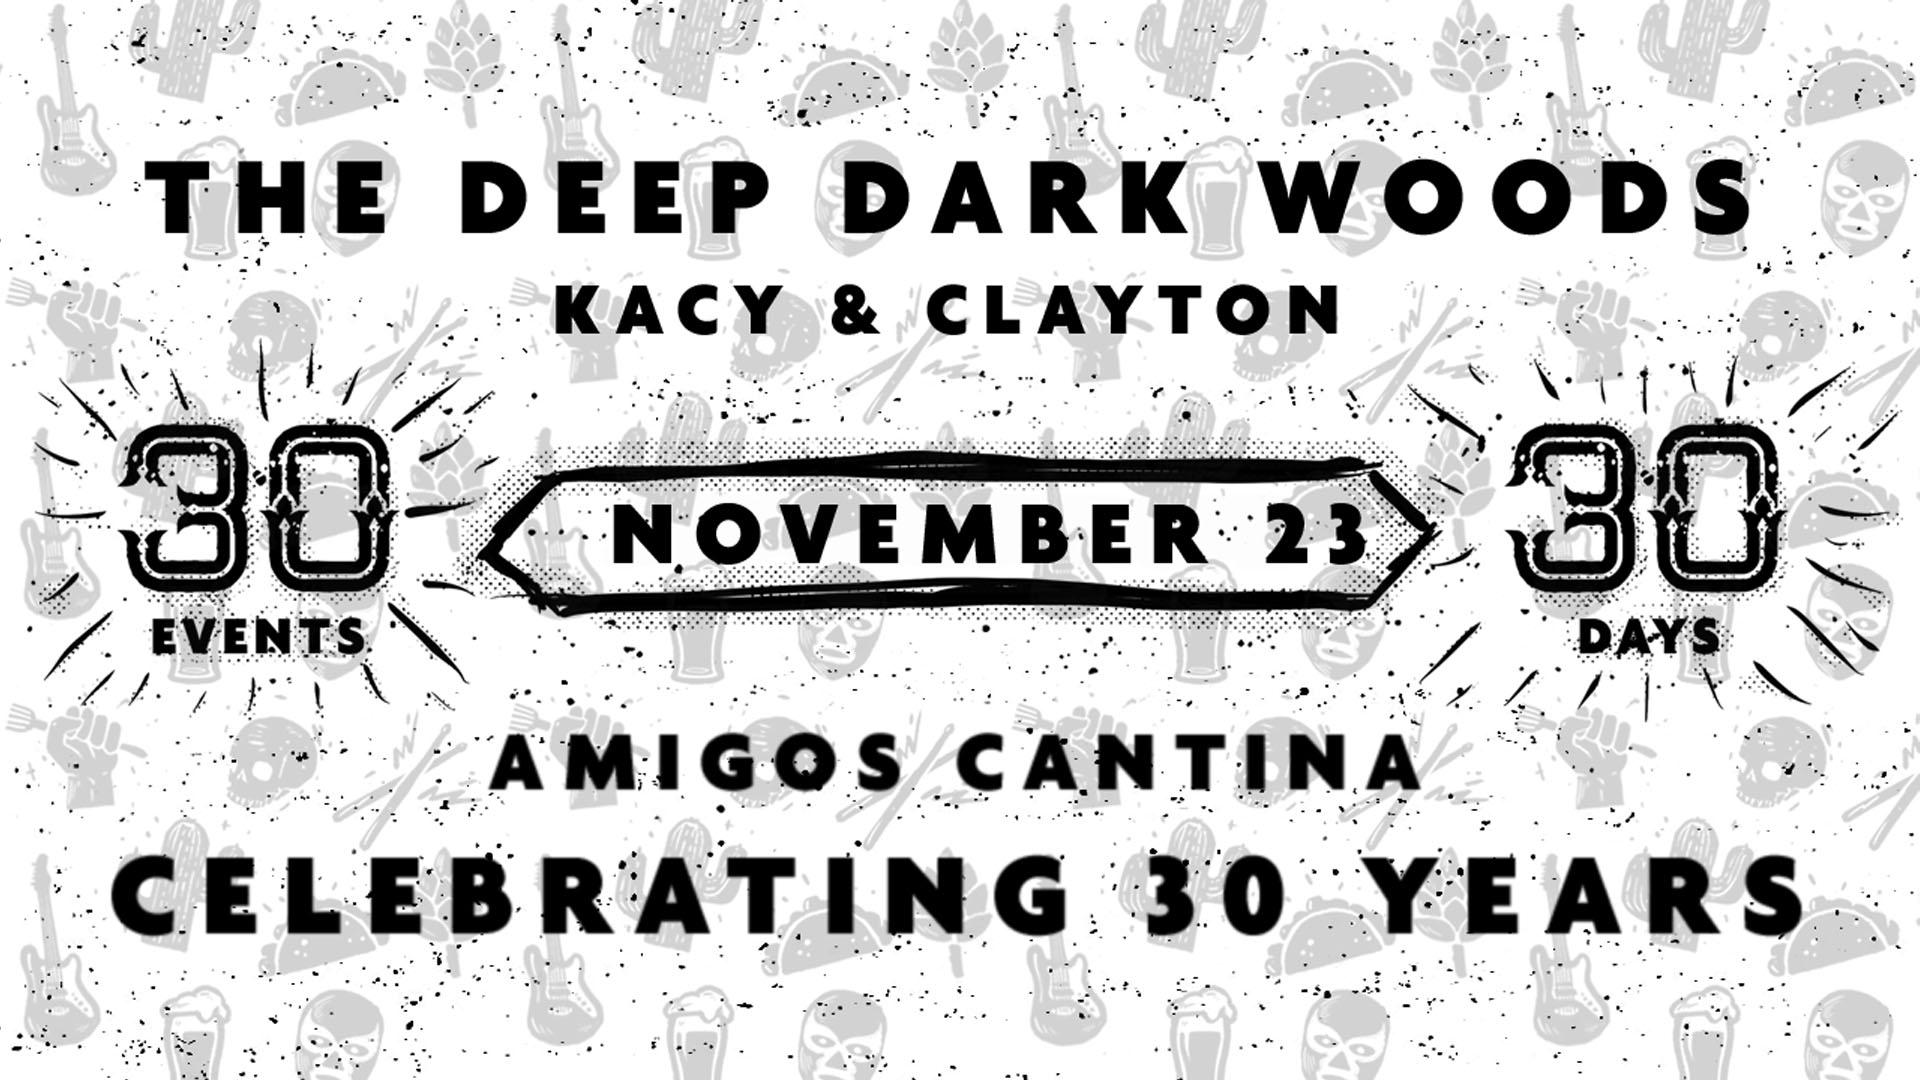 The Deep Dark Woods w/ Kacy & Clayton